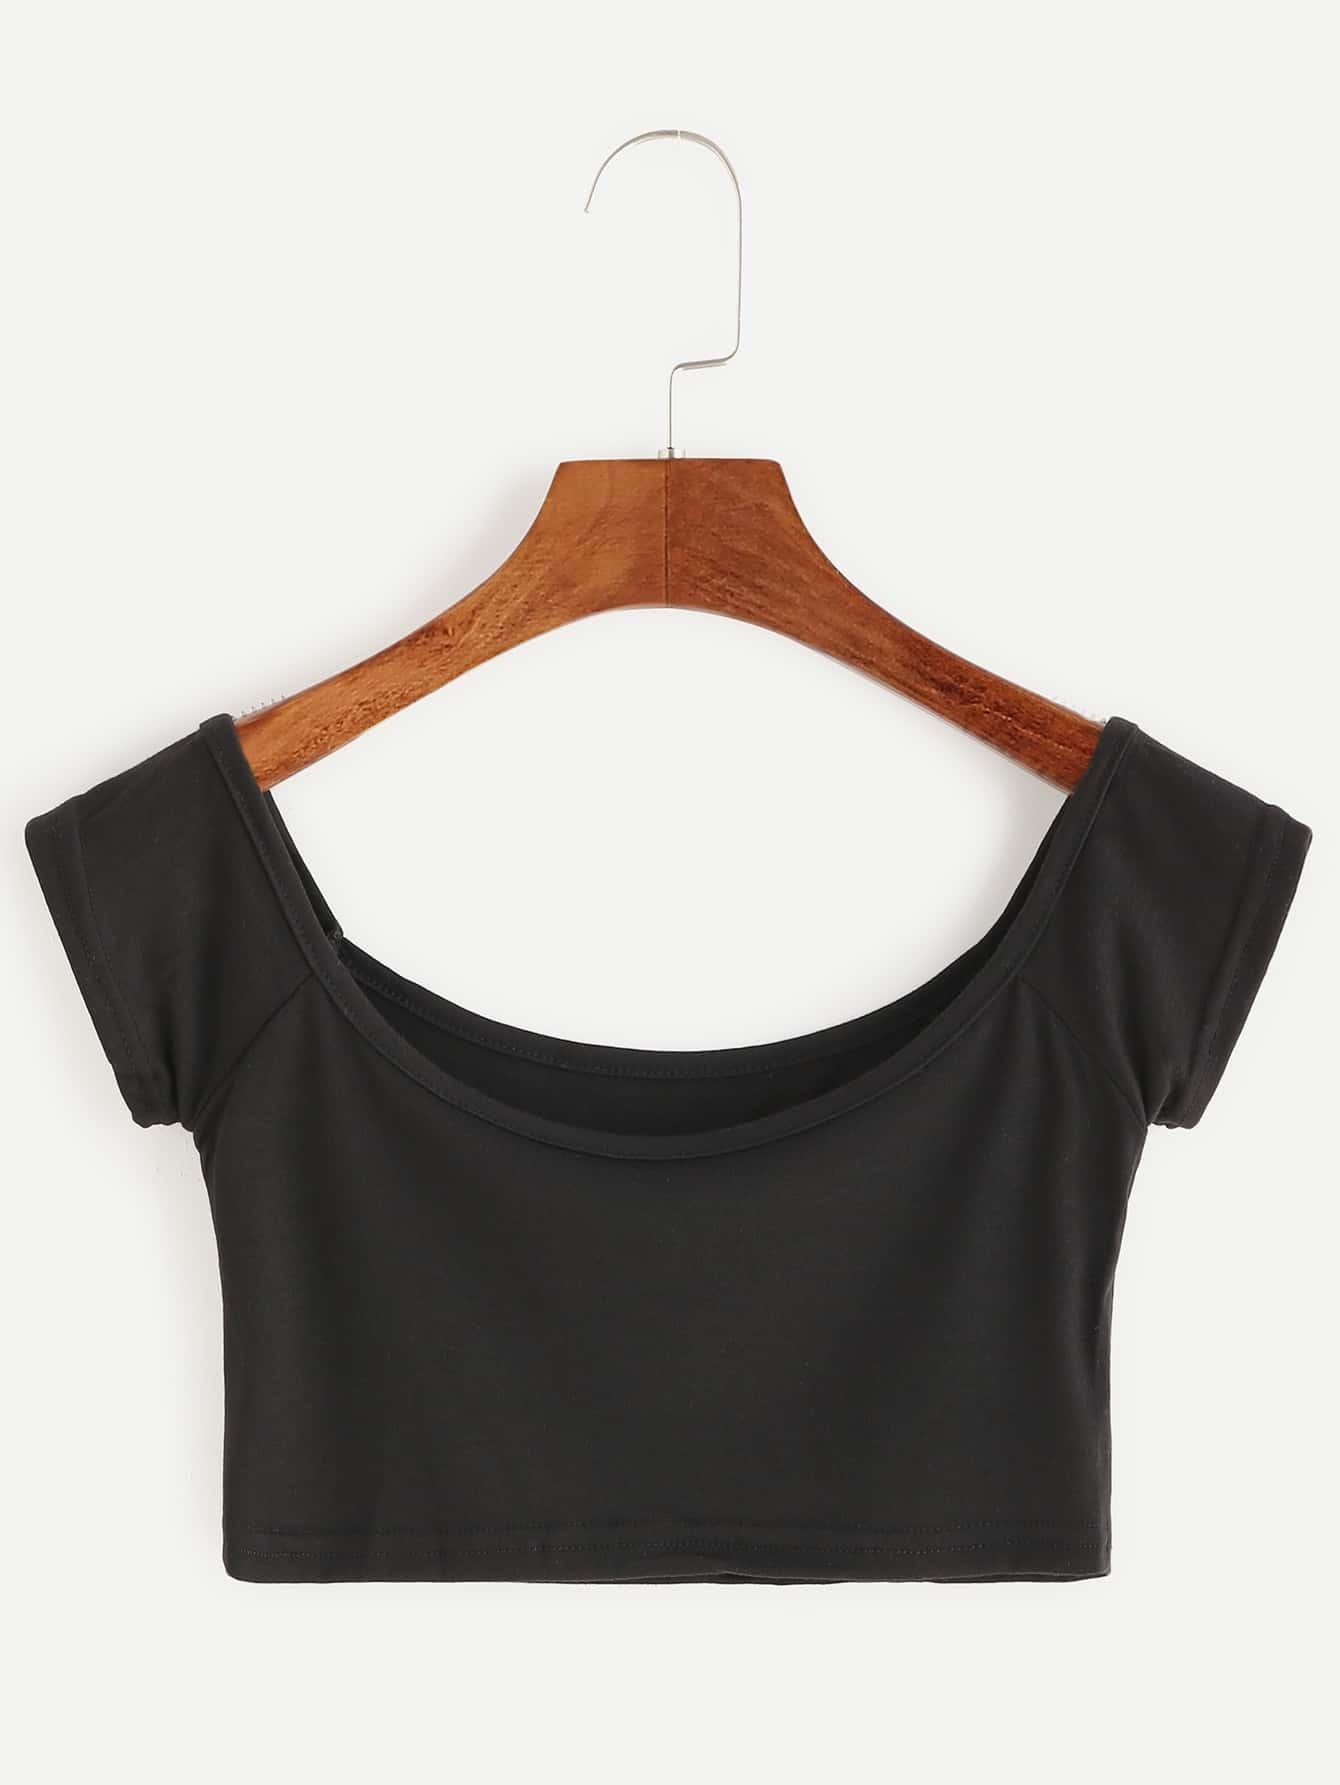 Black Boat Neck Crop T-ShirtBlack Boat Neck Crop T-Shirt<br><br>color: Black<br>size: one-size